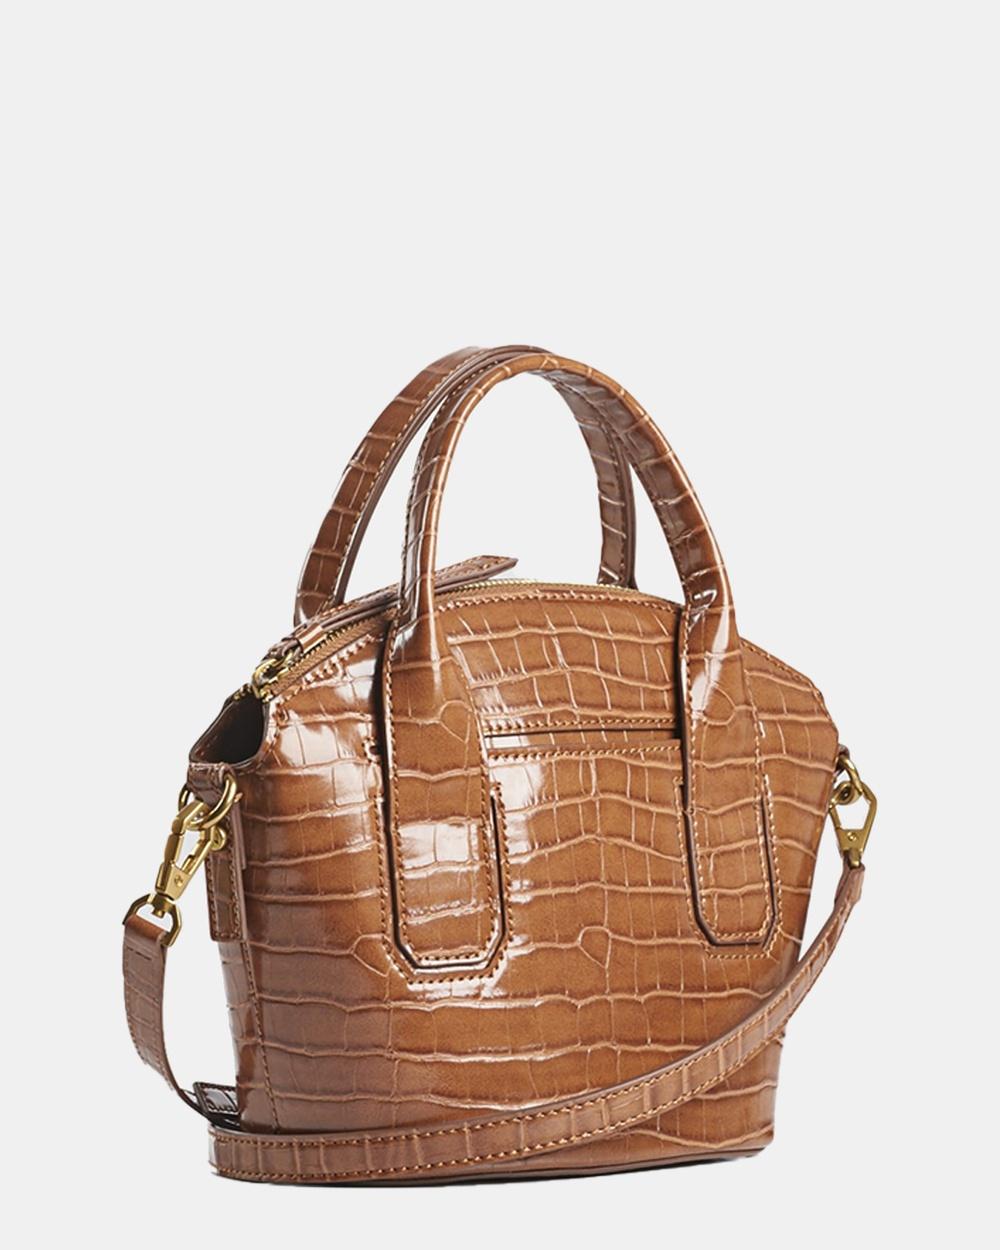 Naturalizer Kiley Shoulder Bag Handbags Brown Handbags Australia